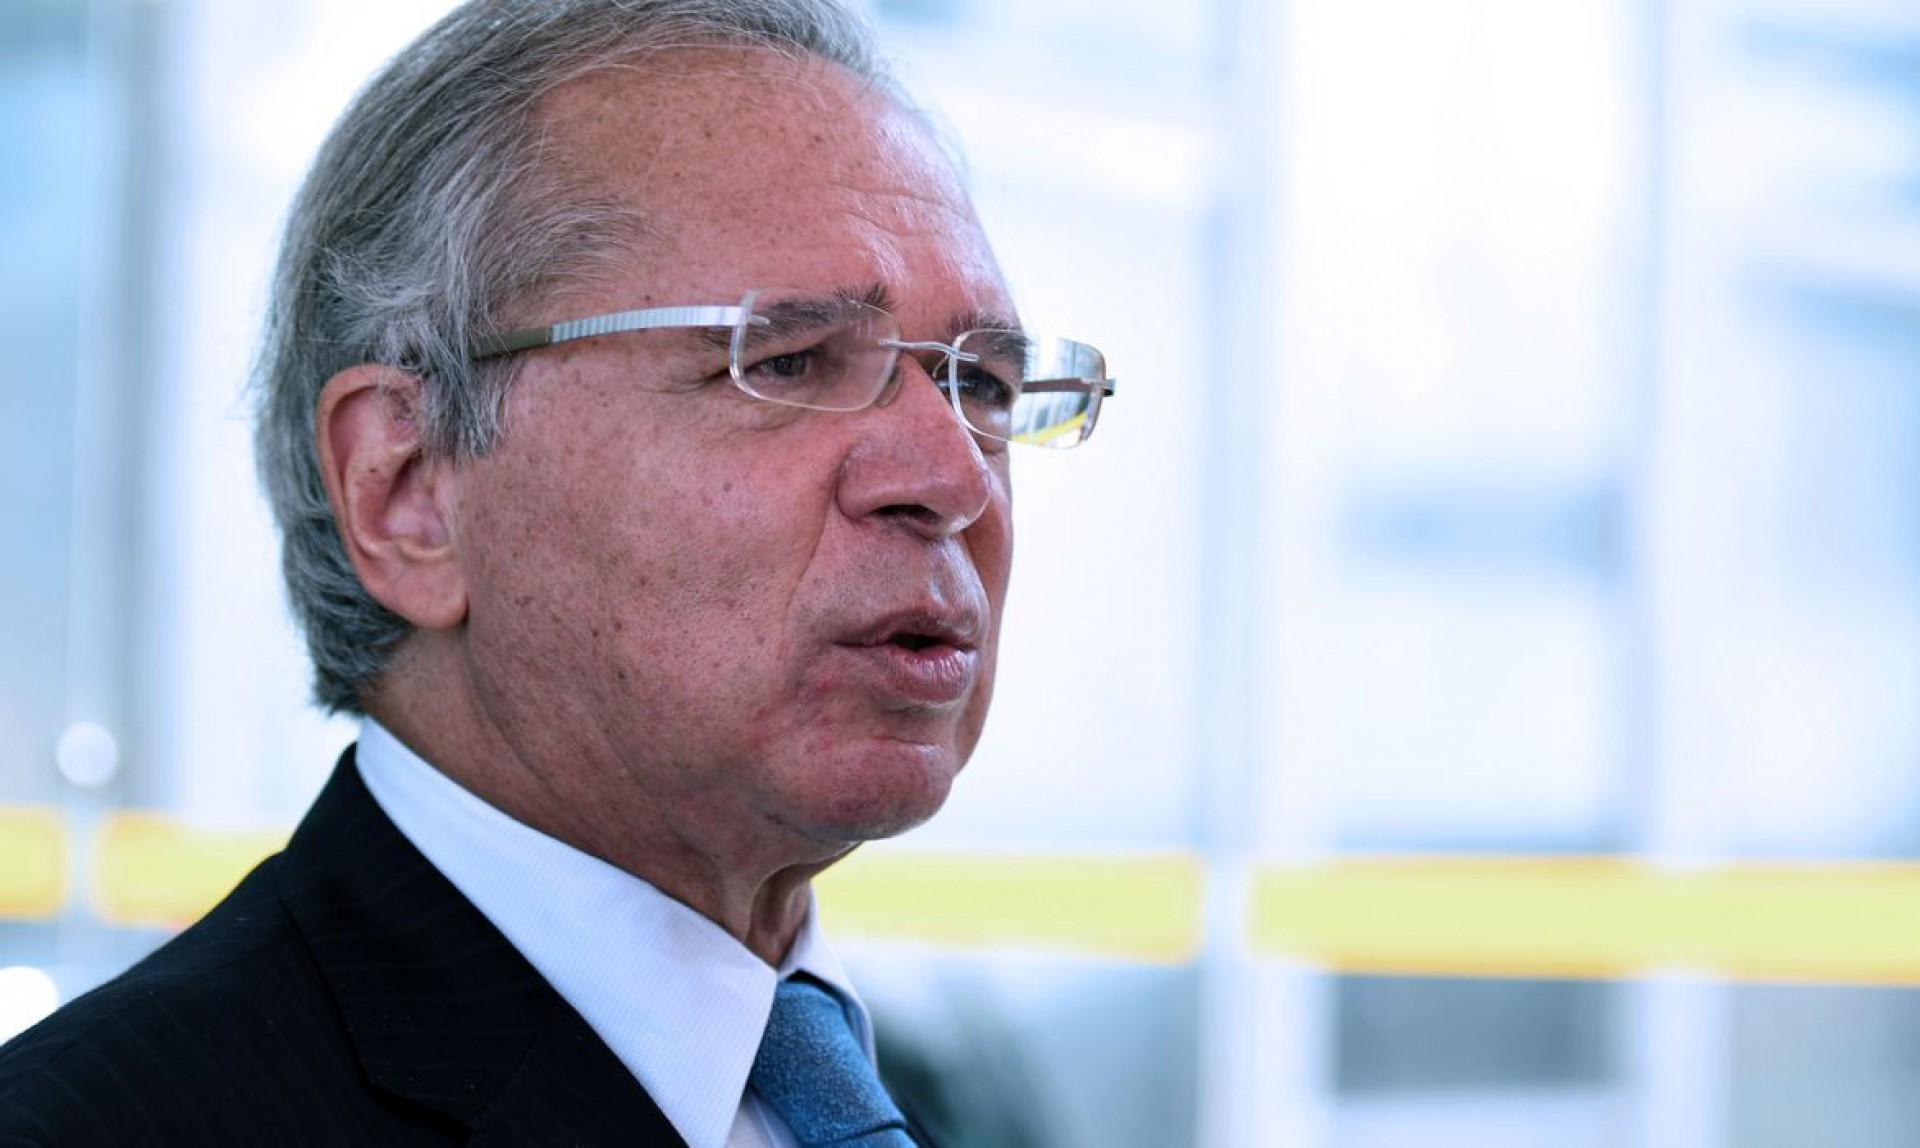 """O ministro da economia, Paulo Guedes, qualificou a questão dos precatórios como um """"meteoro"""" que surgiu e ameaça a economia (Foto: Marcelo Camargo/Agência Brasil)"""